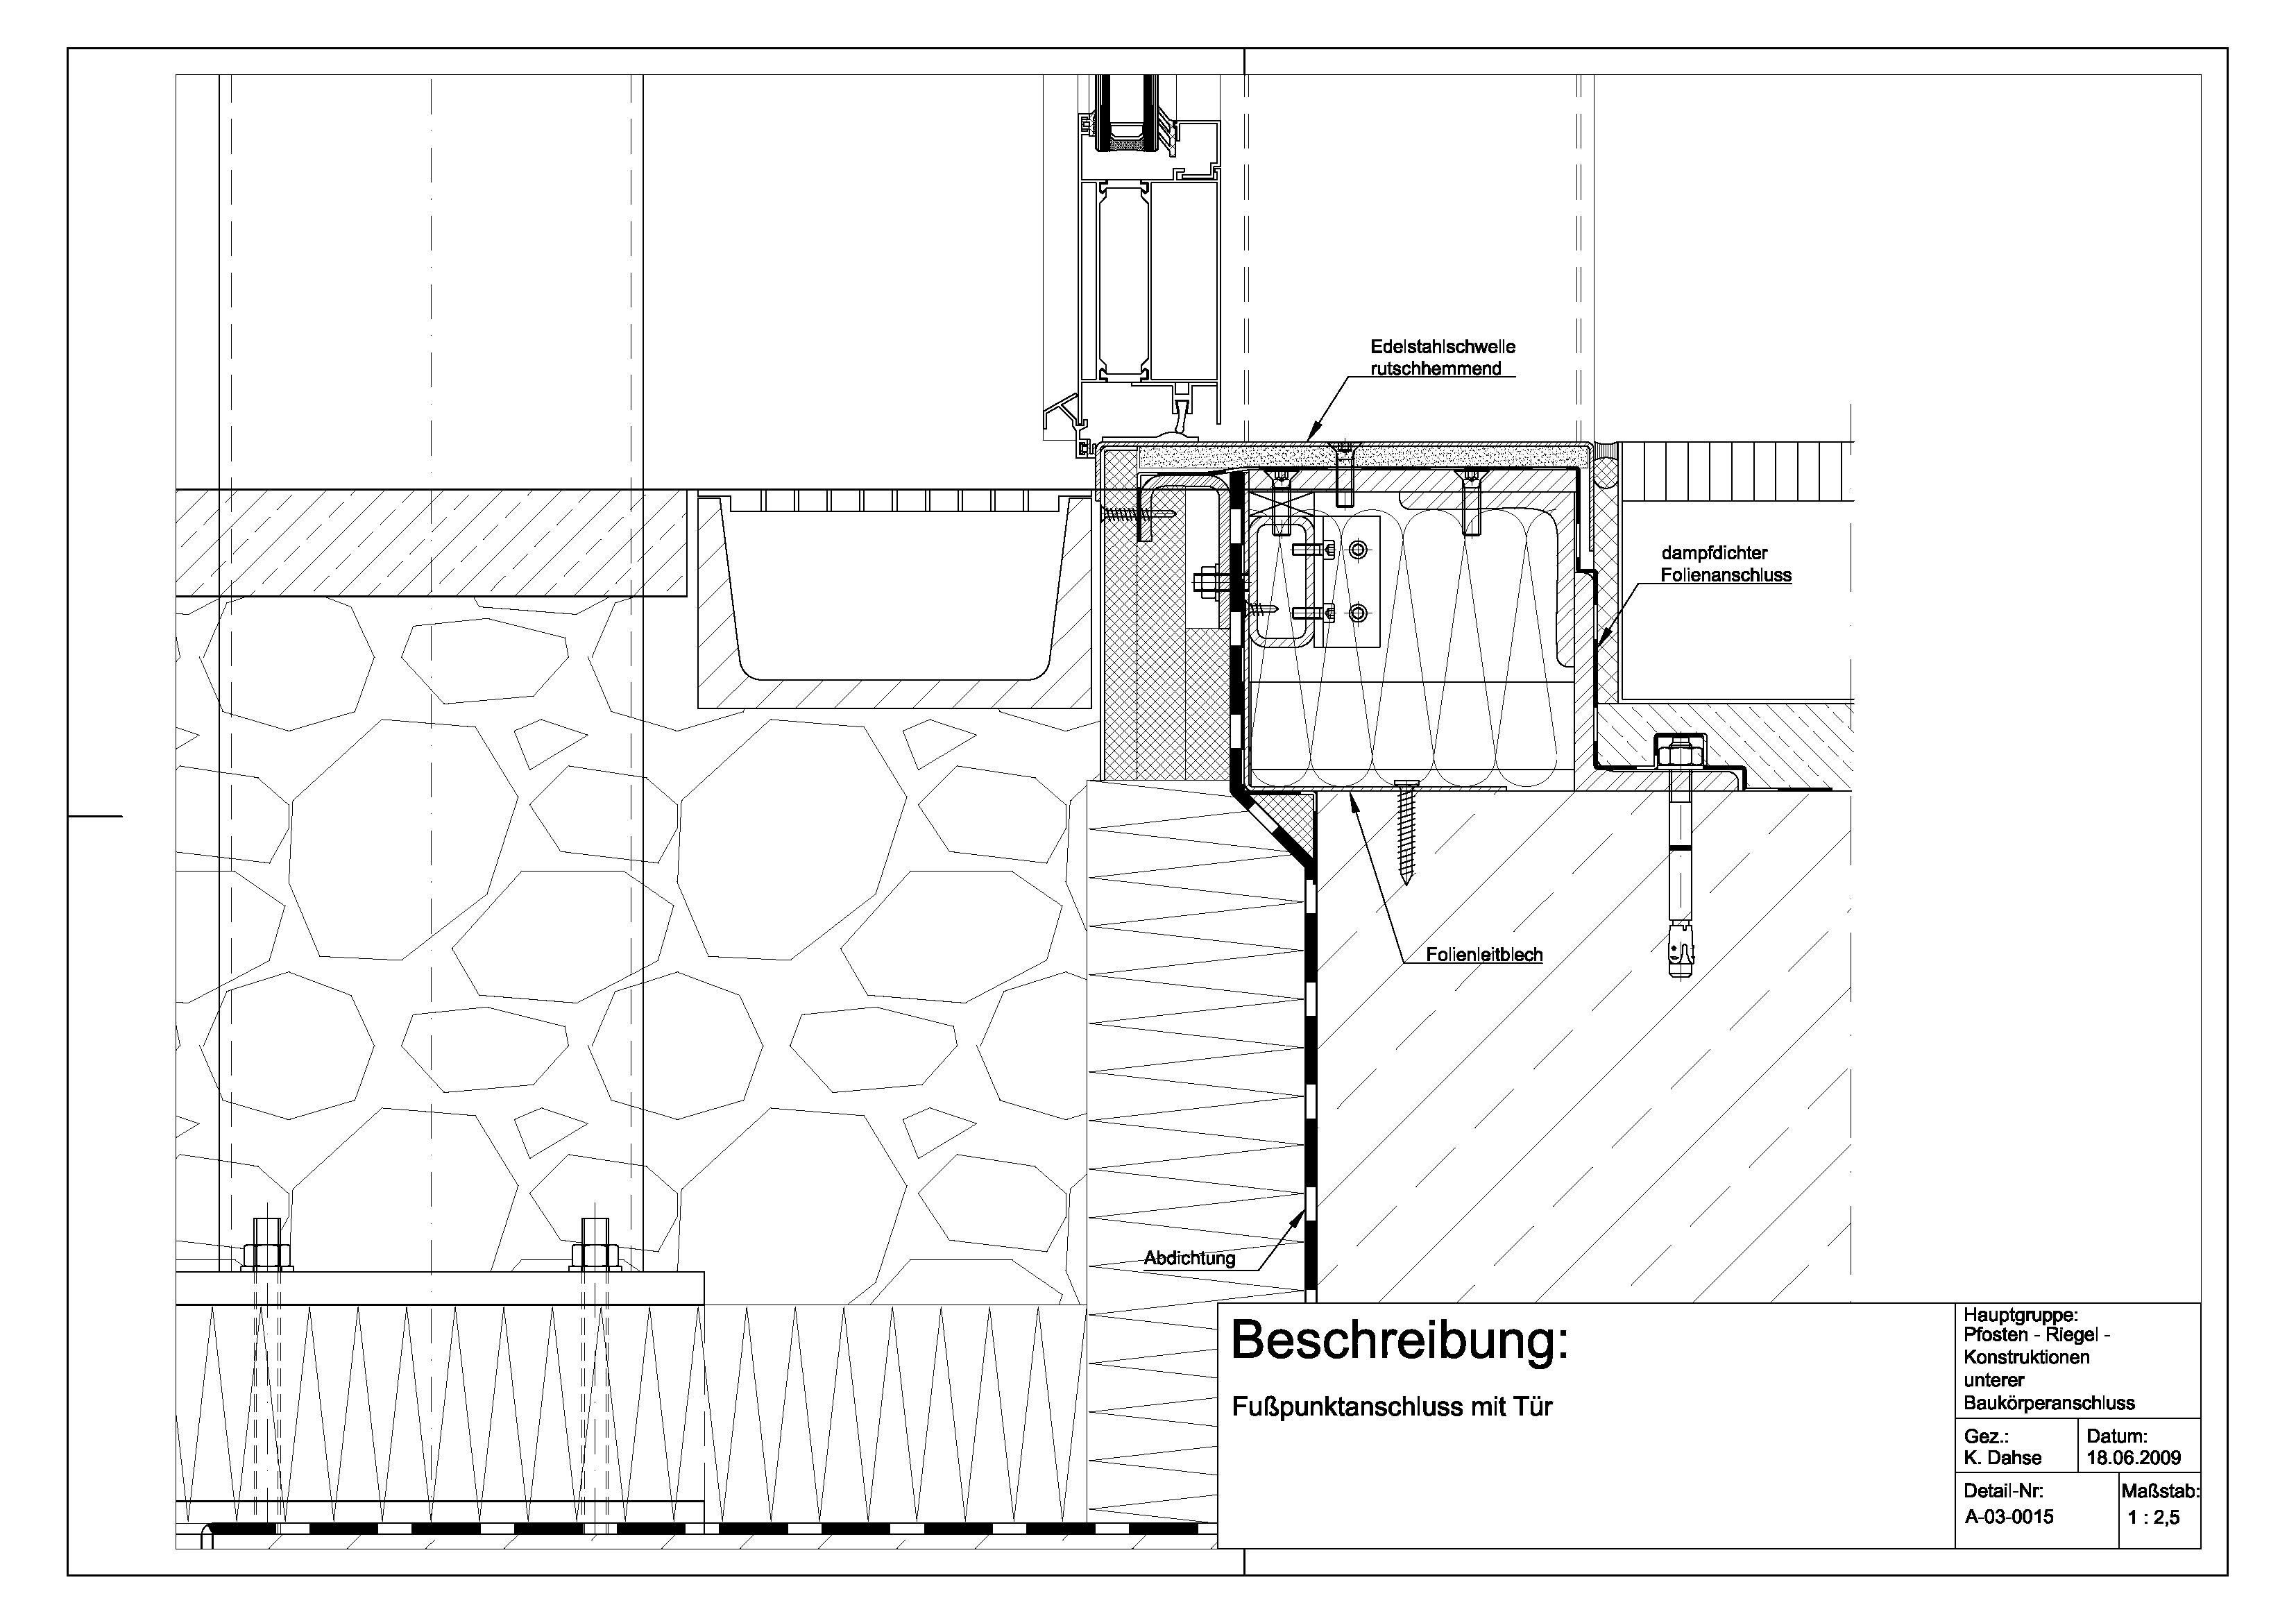 c020001 ei 60 1flg tr mit festfeld nach innen ffnend an. Black Bedroom Furniture Sets. Home Design Ideas